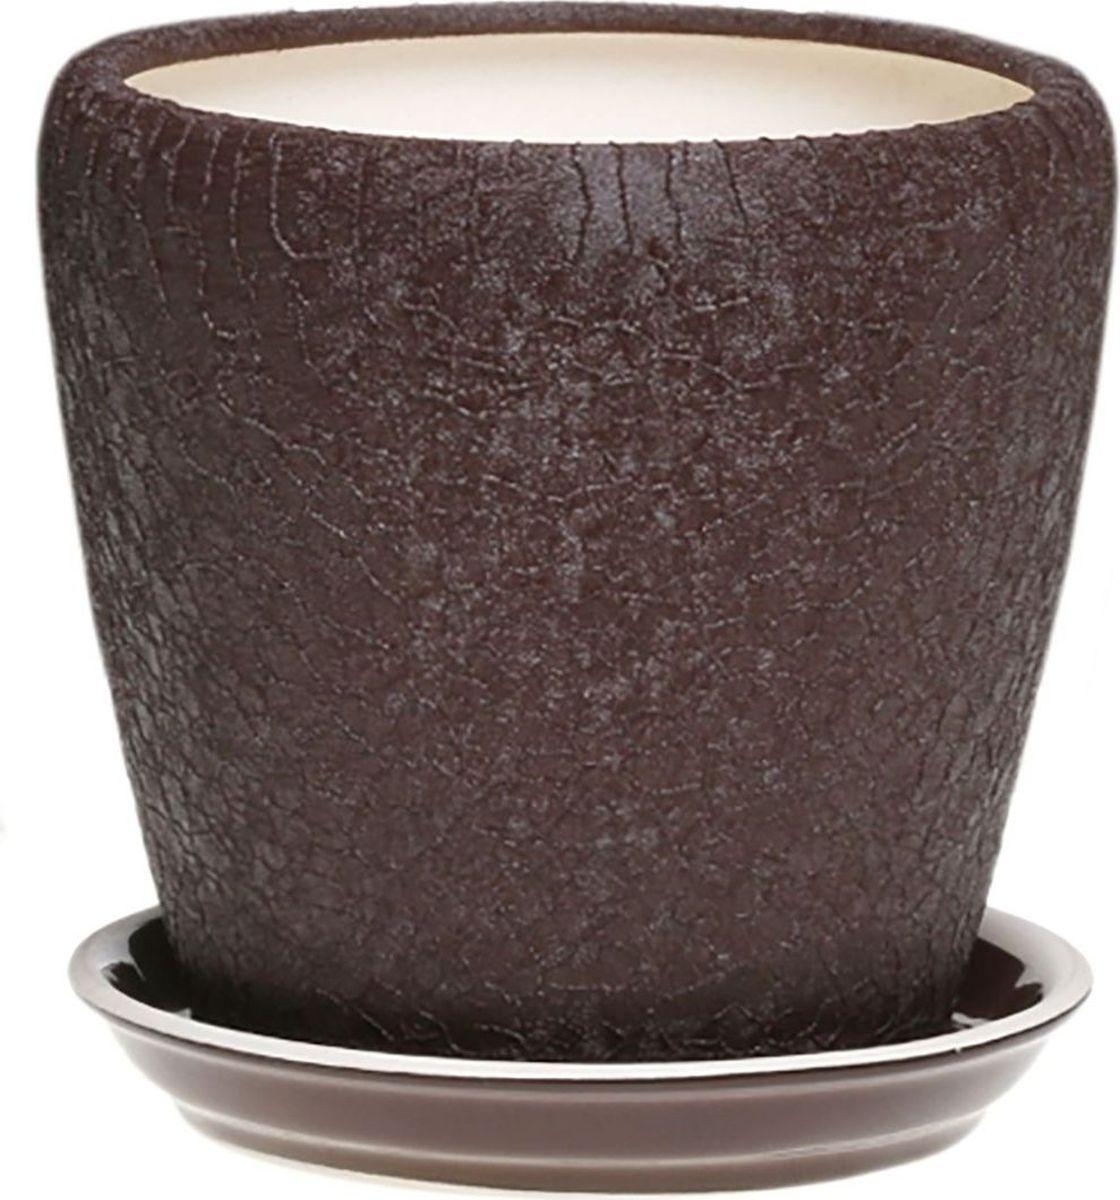 Кашпо Керамика ручной работы Грация, цвет: шоколадный, 10 л1158472Комнатные растения - всеобщие любимцы. Они радуют глаз, насыщают помещение кислородом и украшают пространство. Каждому из них необходим свой удобный и красивый дом. Кашпо из керамики прекрасно подходят для высадки растений:пористый материал позволяет испаряться лишней влаге;воздух, необходимый для дыхания корней, проникает сквозь керамические стенки. Кашпо Грация позаботится о зеленом питомце, освежит интерьер и подчеркнет его стиль.